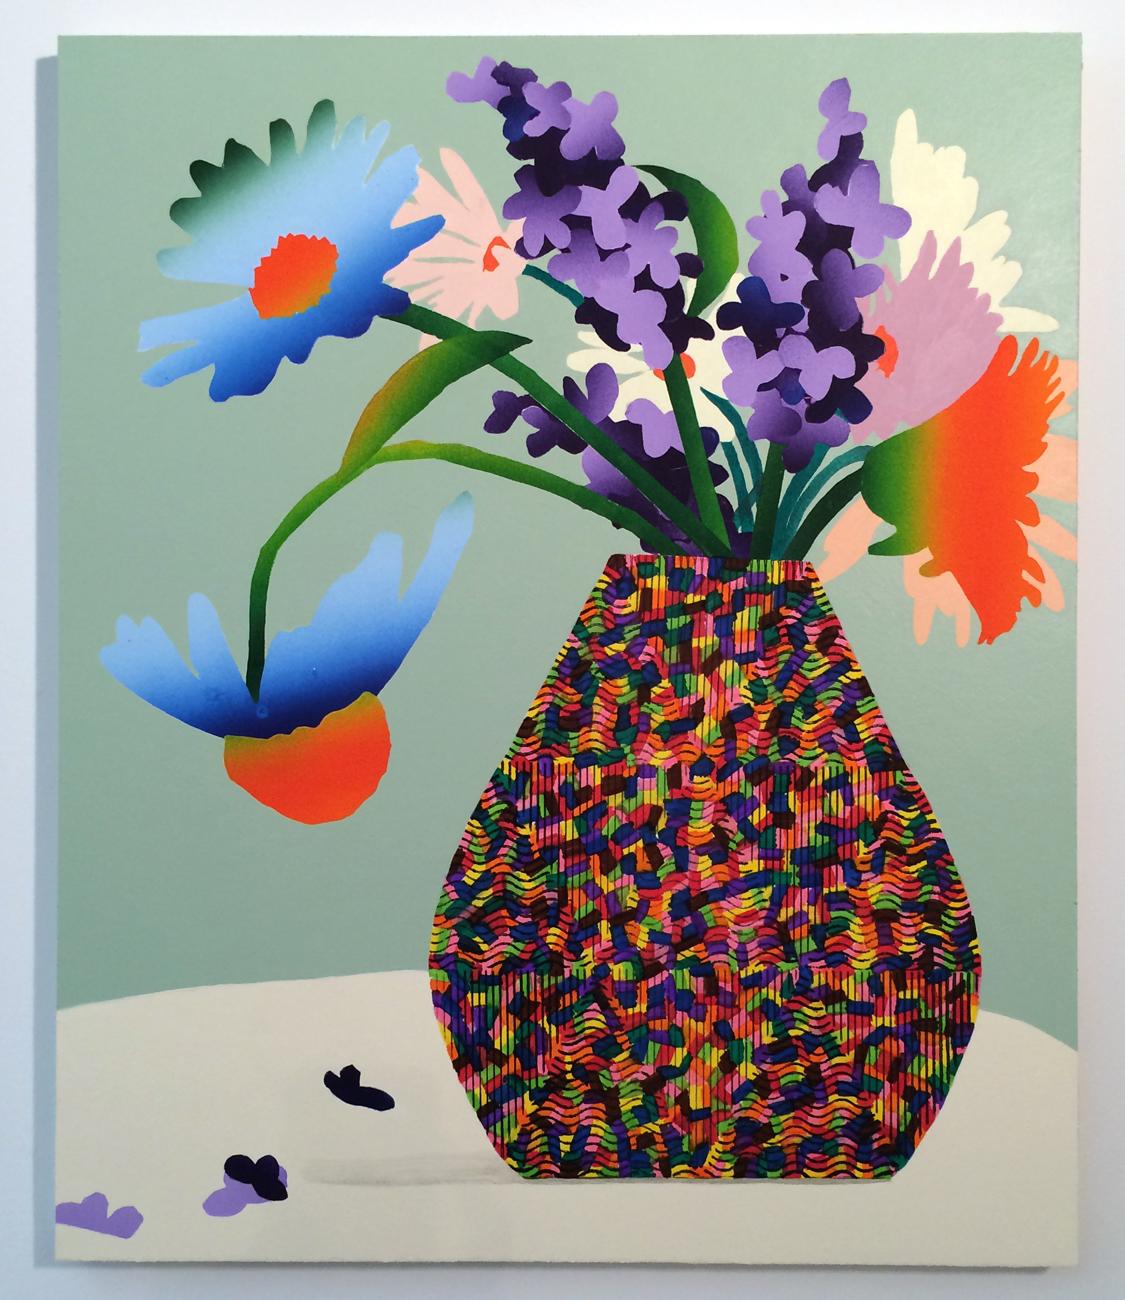 """Karen Lederer, """"YESTERDAY'S FLOWERS"""", 2016, Oil and acrylic on panel, 24 x 20"""